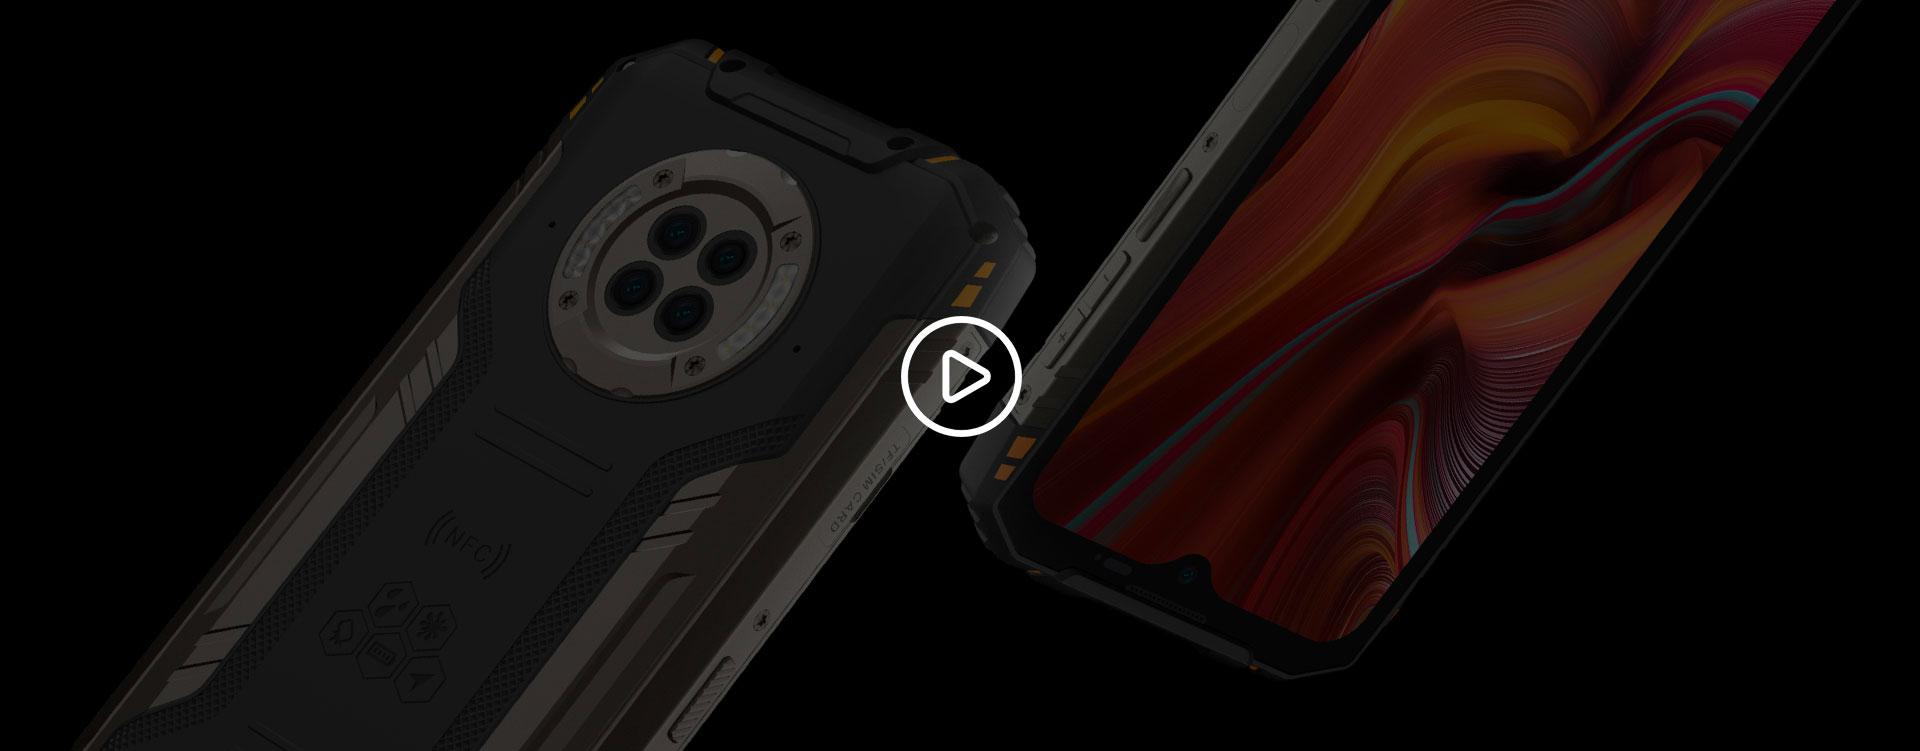 Buy Doogee S96 pro